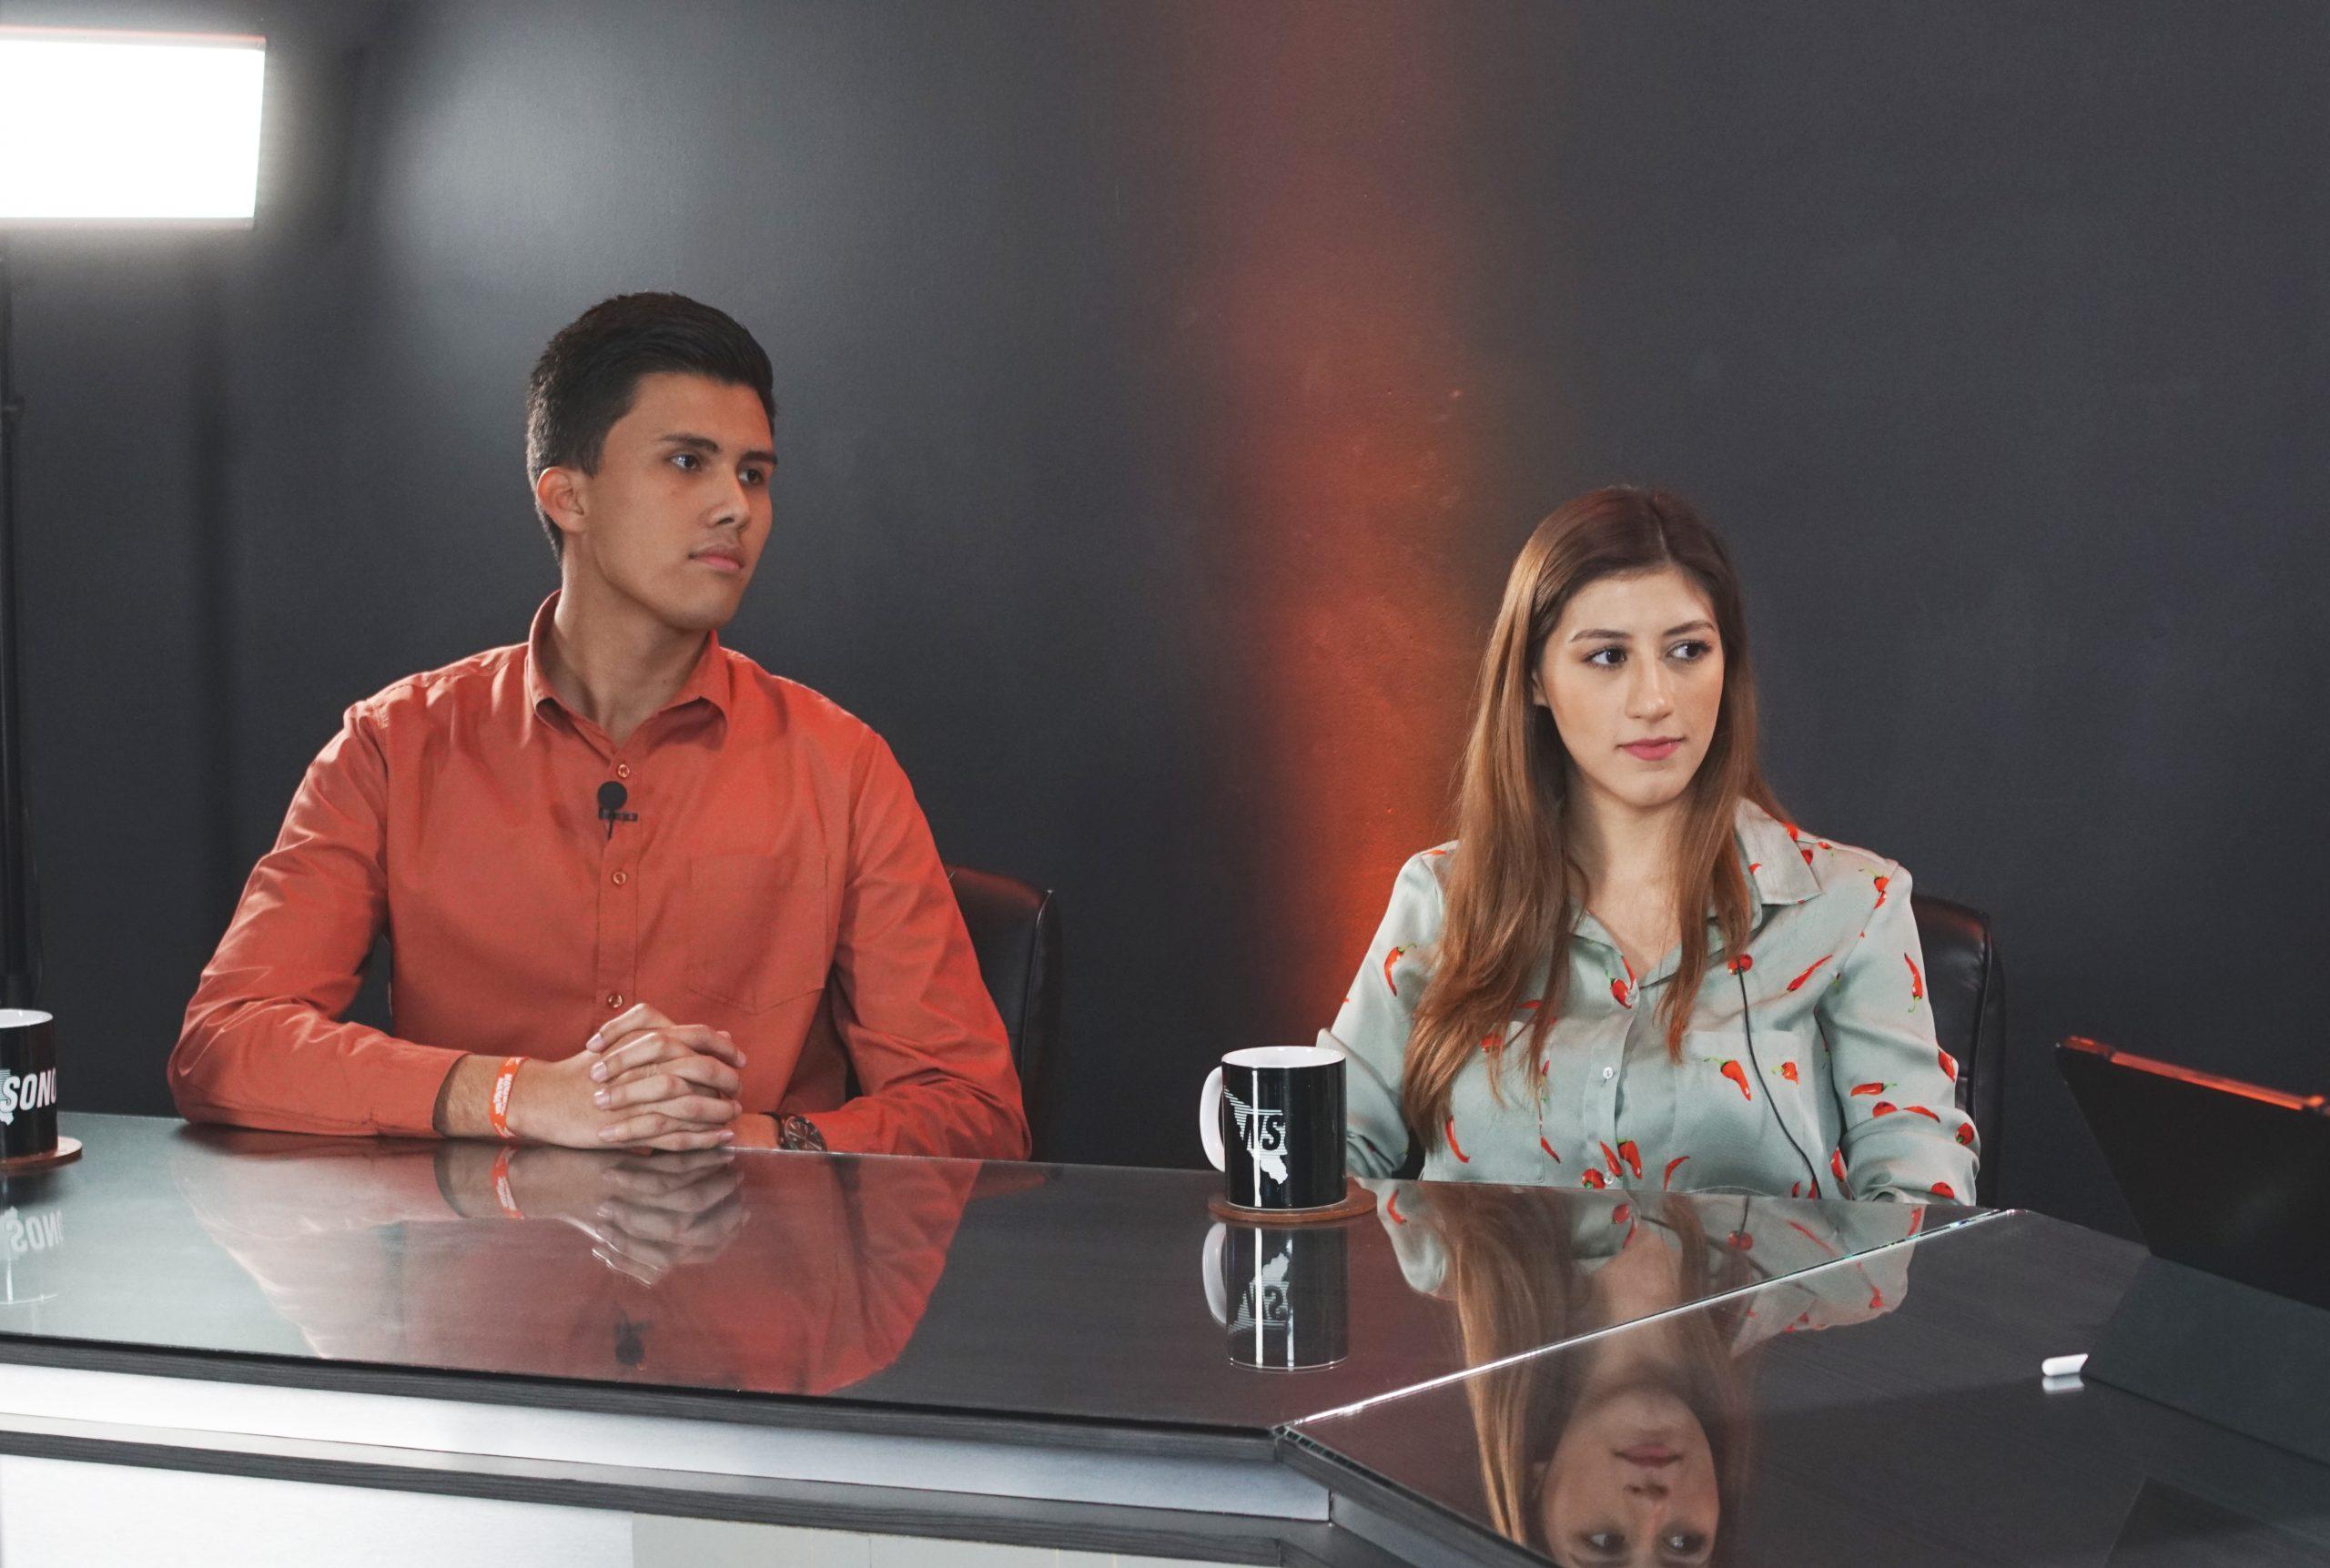 La Alianza Va por Sonora y Morena han dañado a Sonora; MC tiene el mejor perfil: Ana Castelan y Luis Bueno